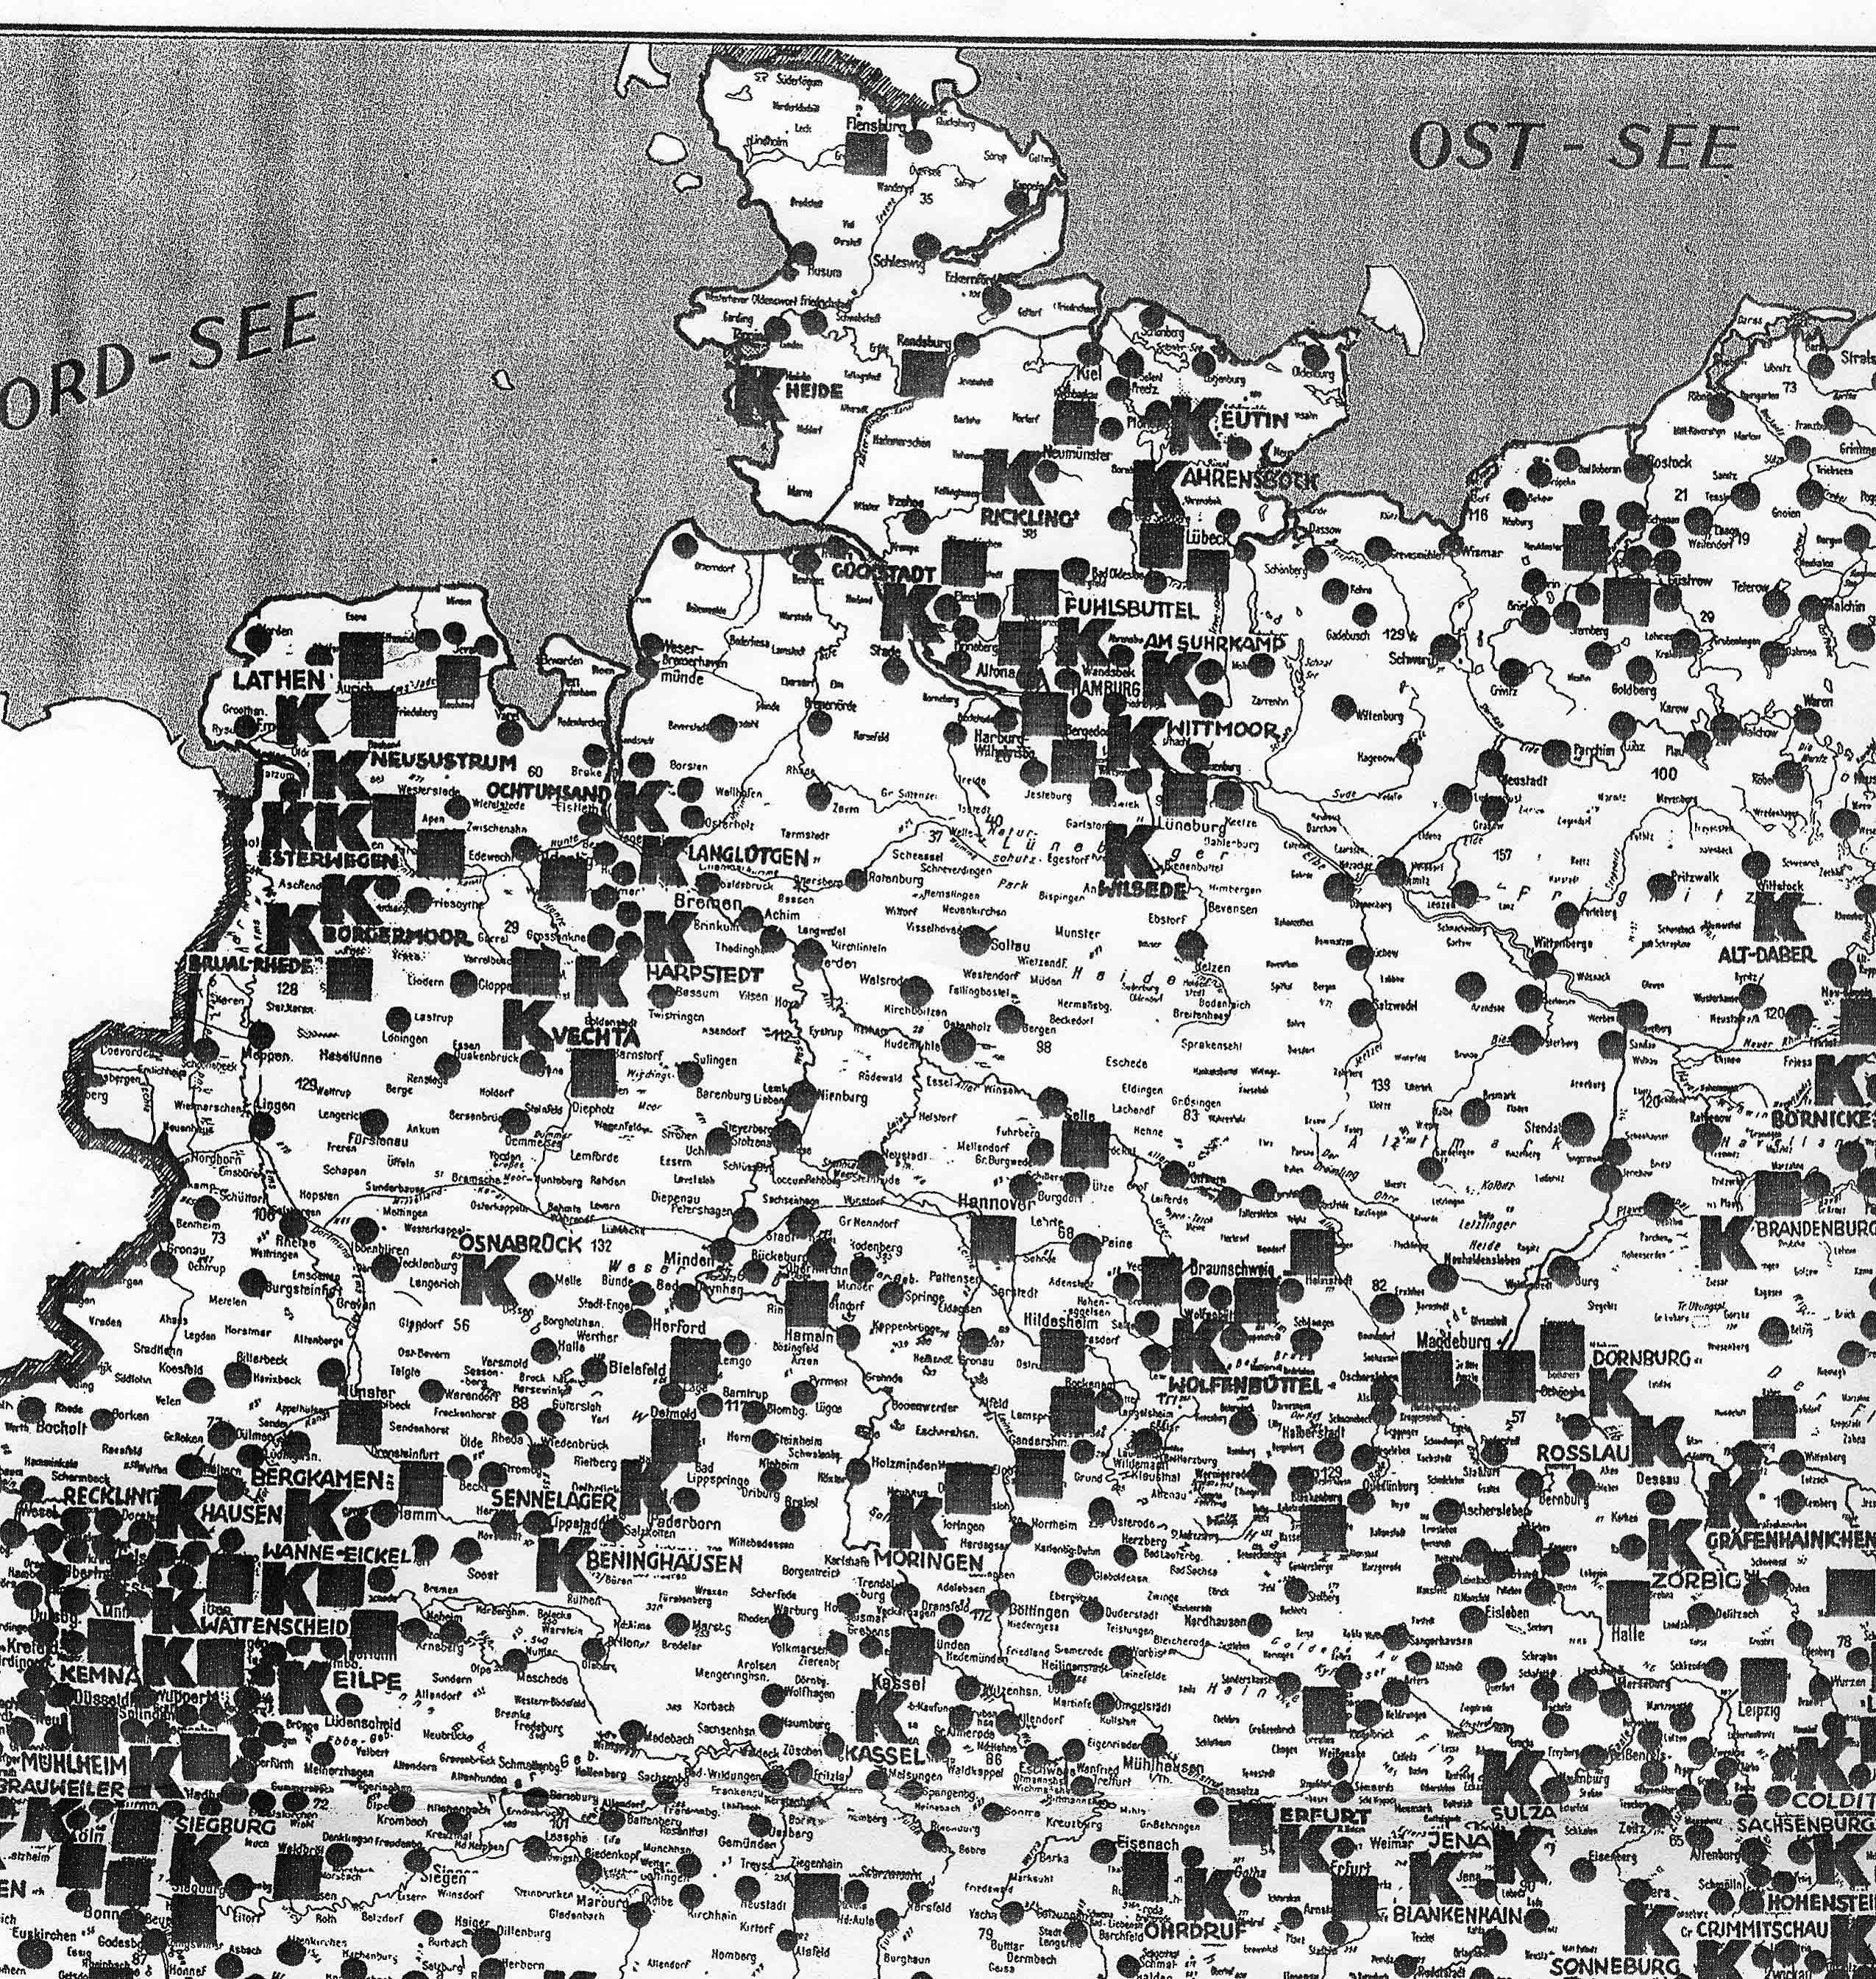 Bild zeigt einen detaillierteren Ausschnitt von West-Deutschland über damalige Konzentrationslager, Zuchthäuser und Gefängnisse